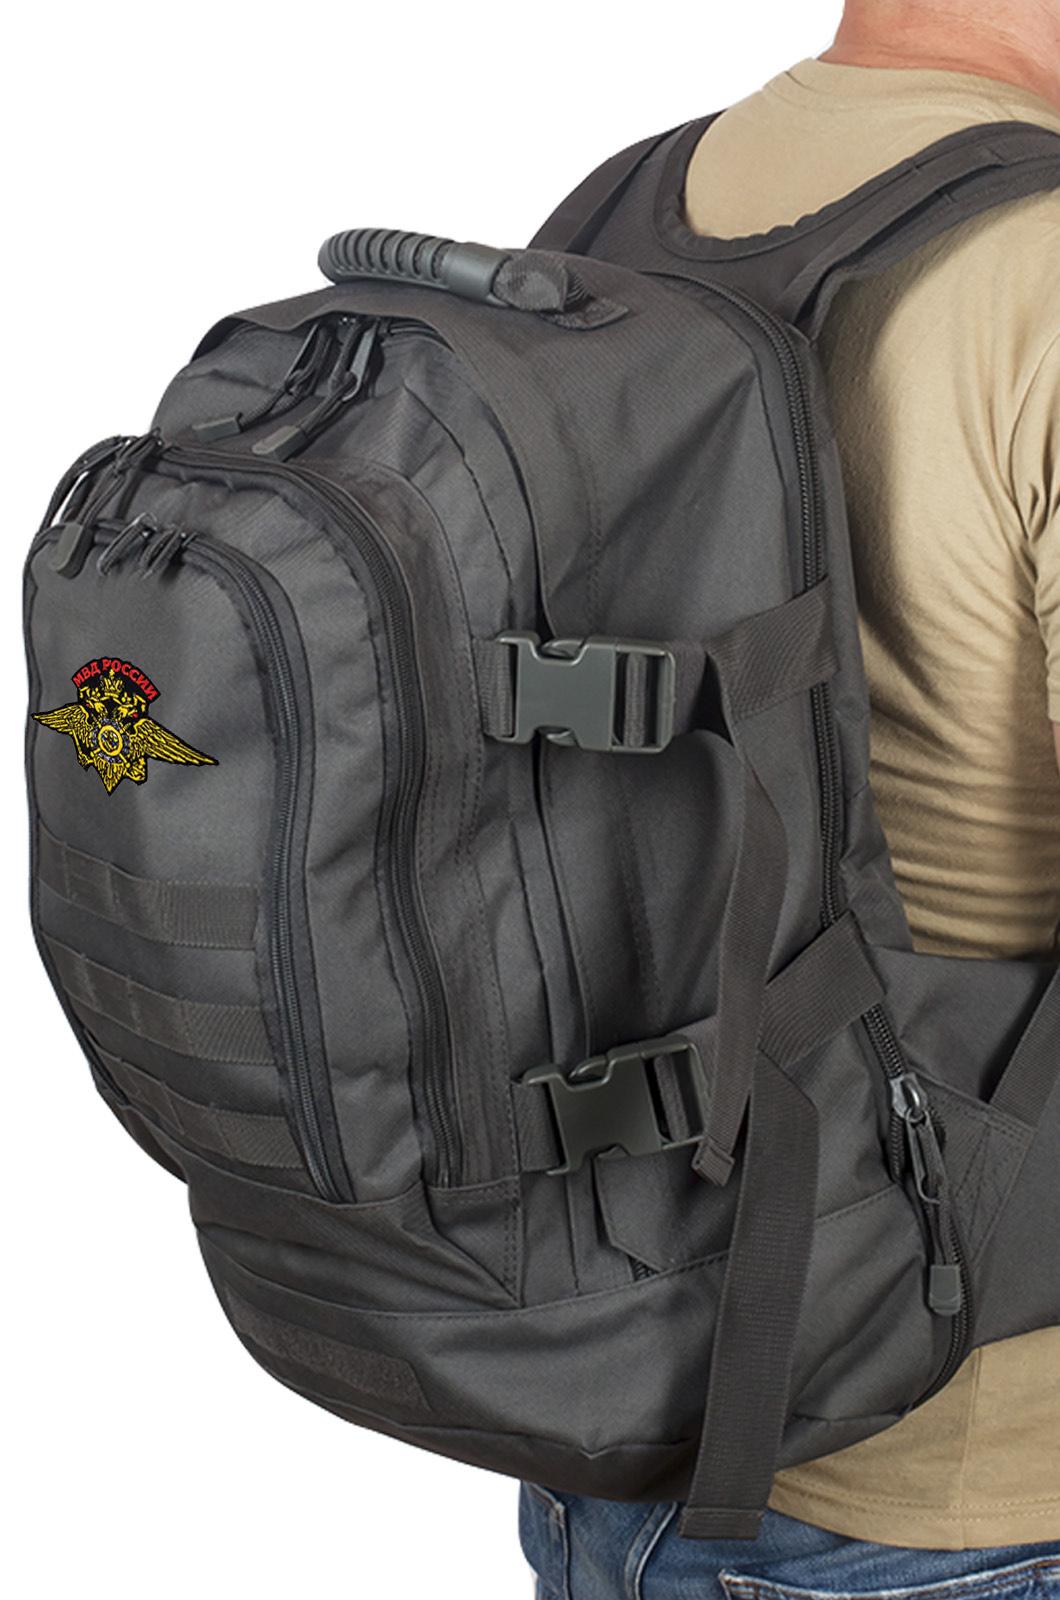 Зачетный рюкзак с эмблемой МВД России купить онлайн